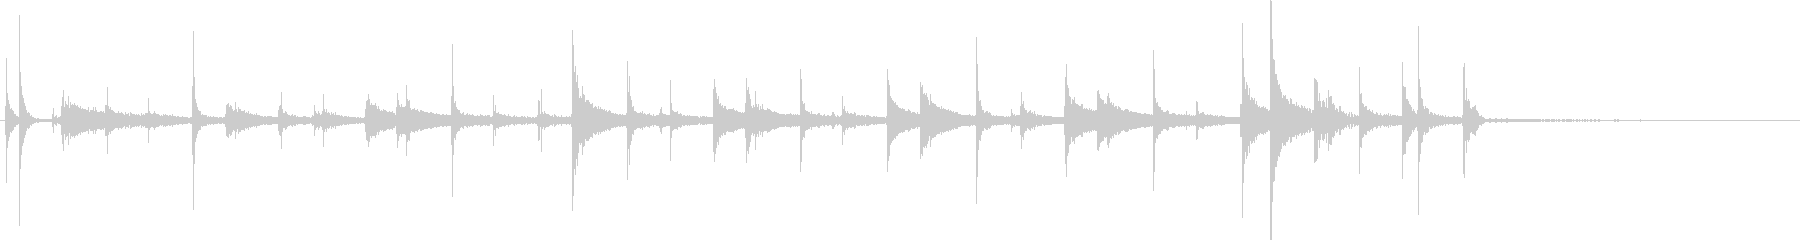 アコースティックドラムセット:ジャ...の未再生の波形